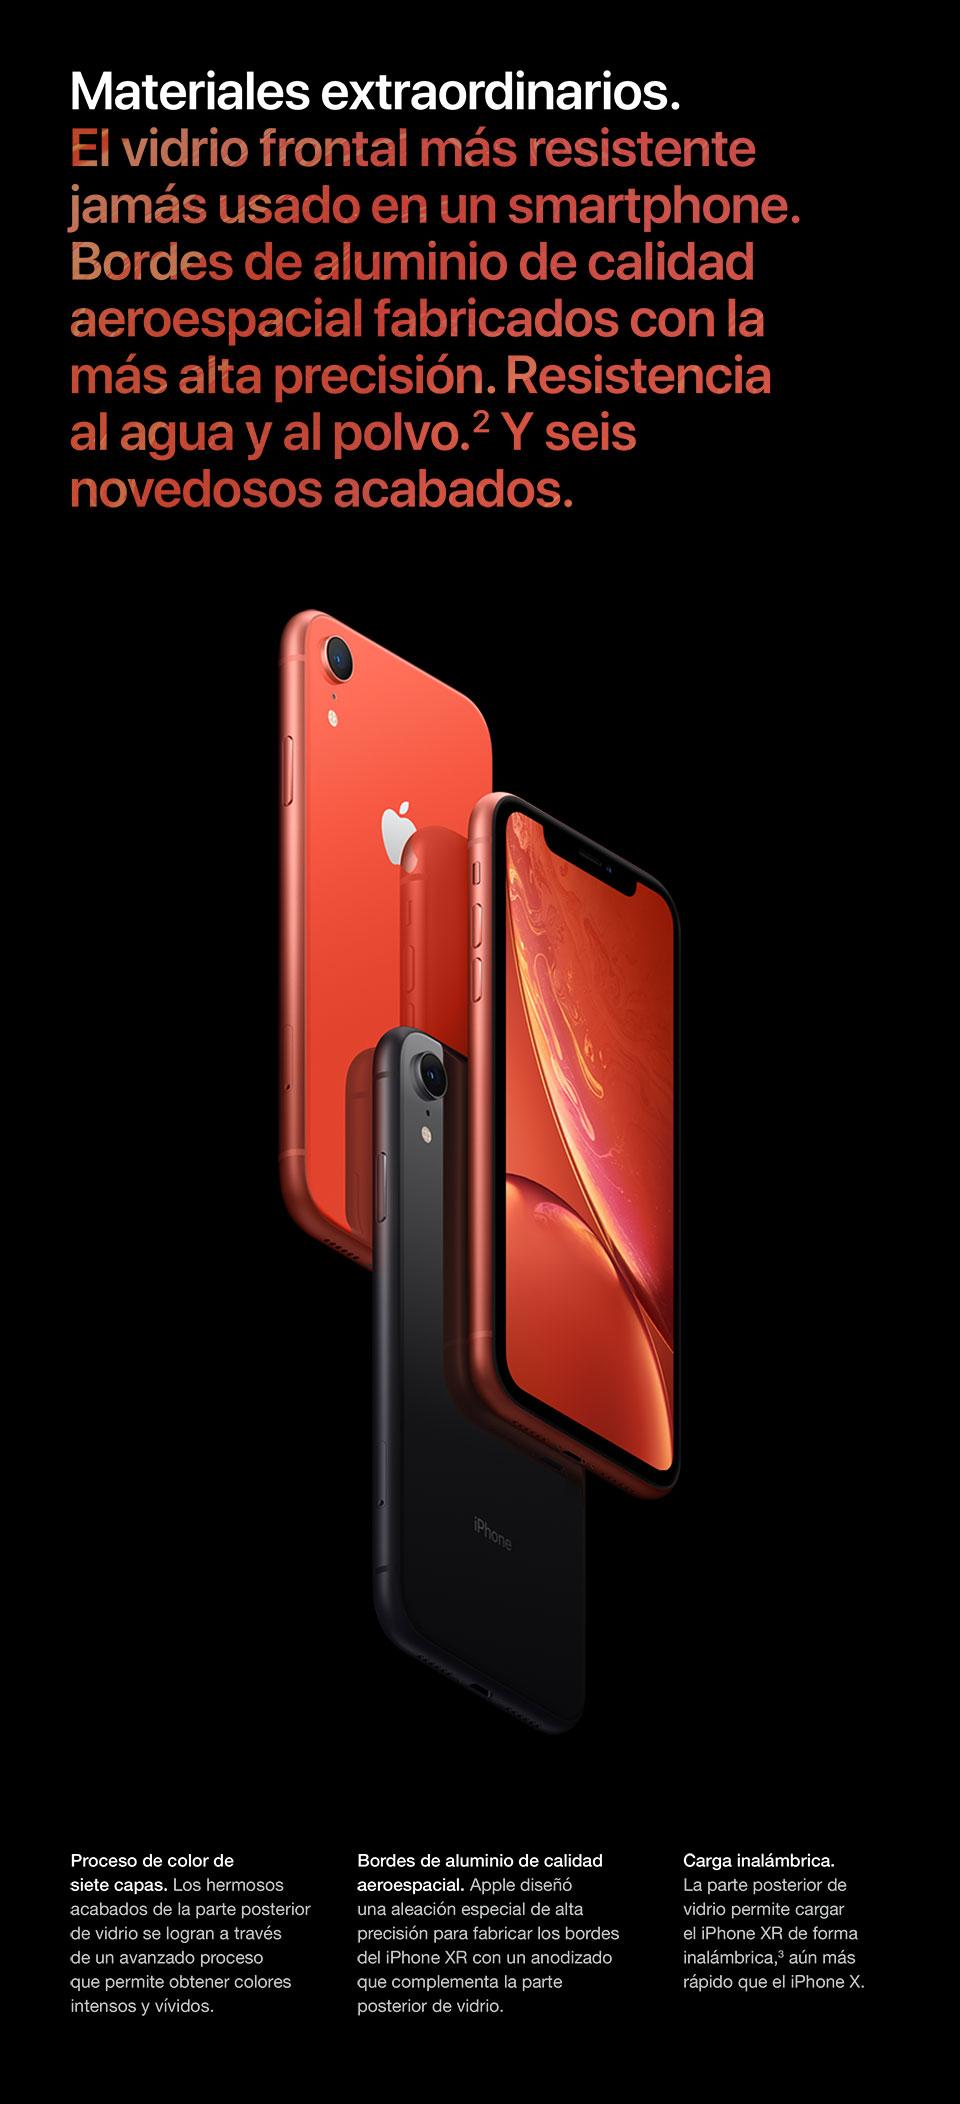 El vidrio frontal más resiste jamás usado en un smartphone.